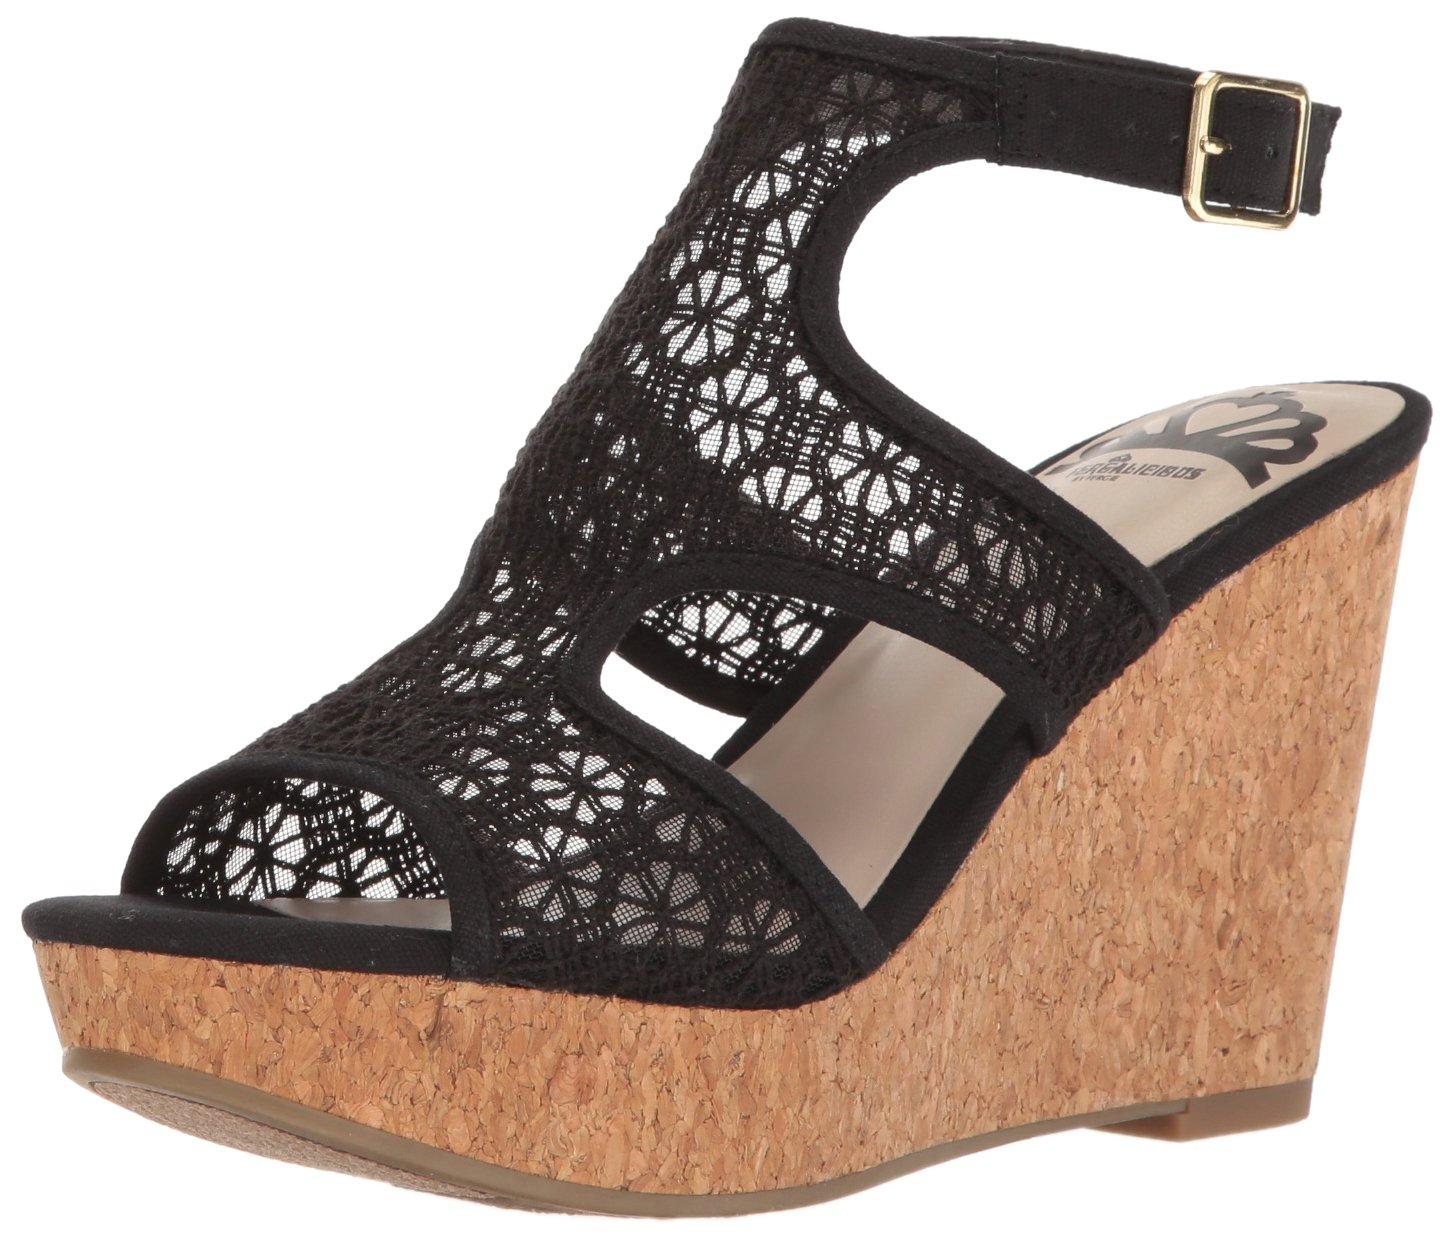 Fergalicious Women's Kendra Wedge Sandal B01MAV4JQM 6 B(M) US|Black